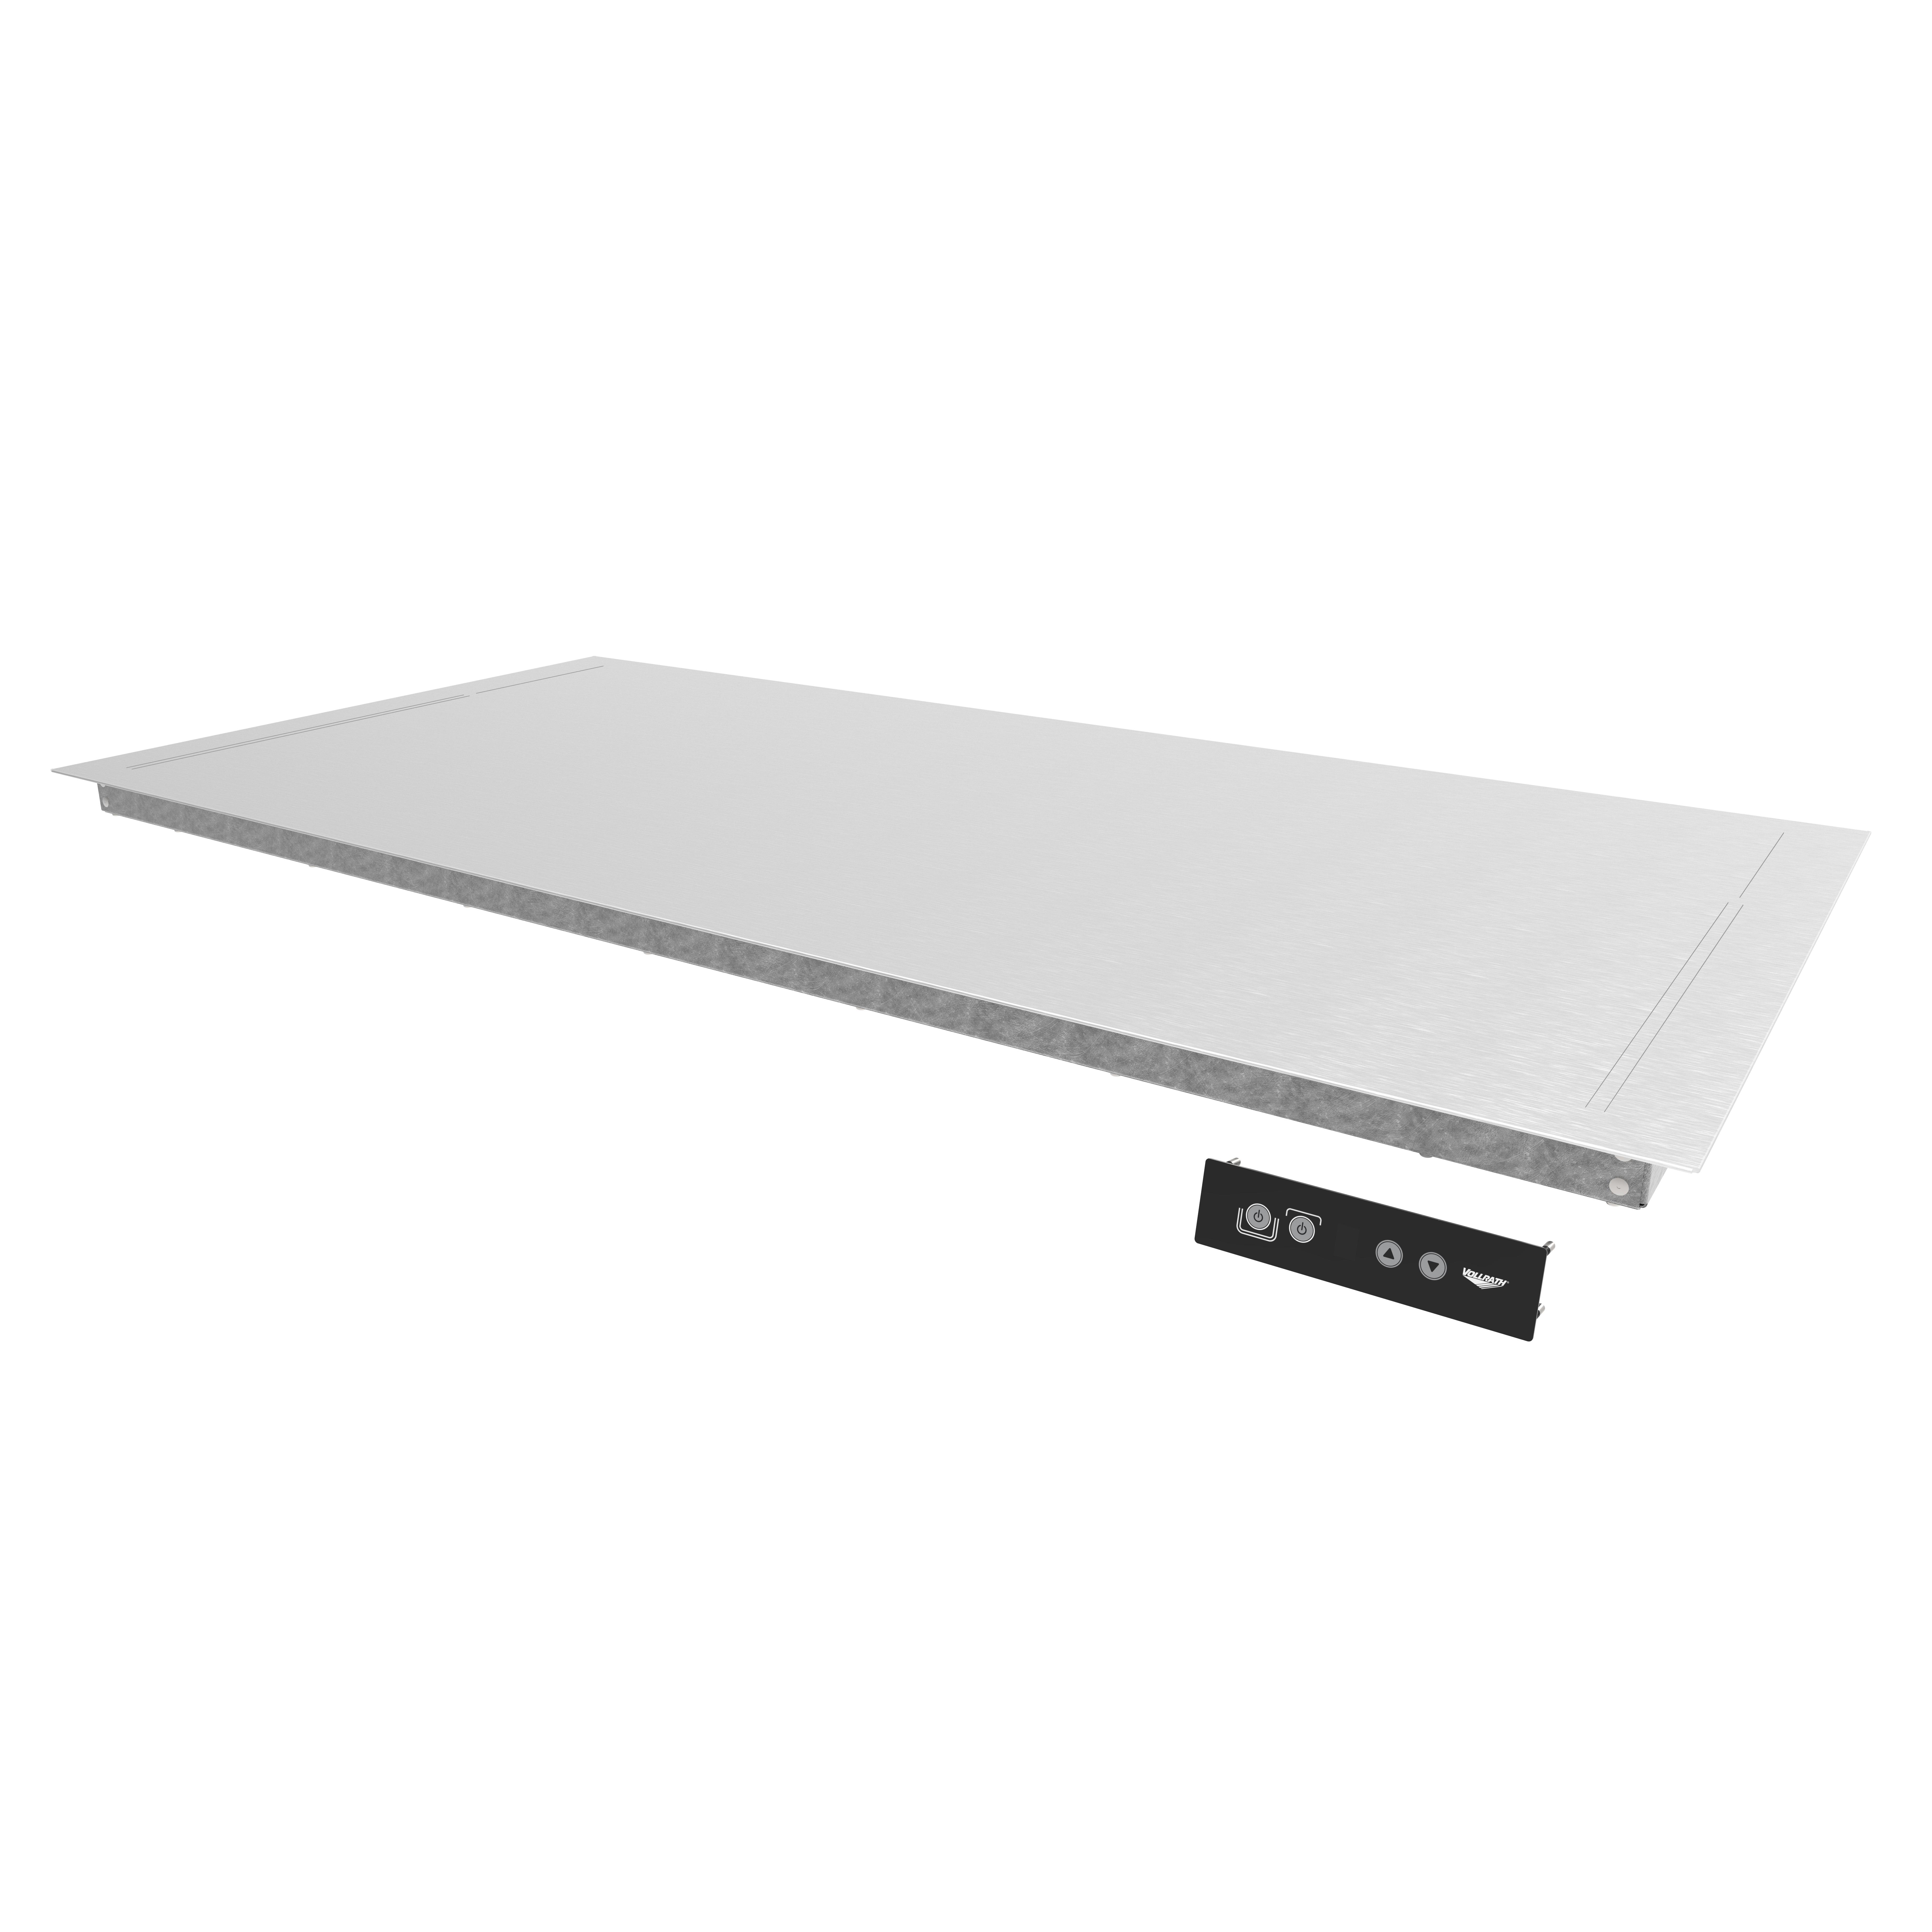 Vollrath FC-4HS-24120-SSF heated shelf food warmer